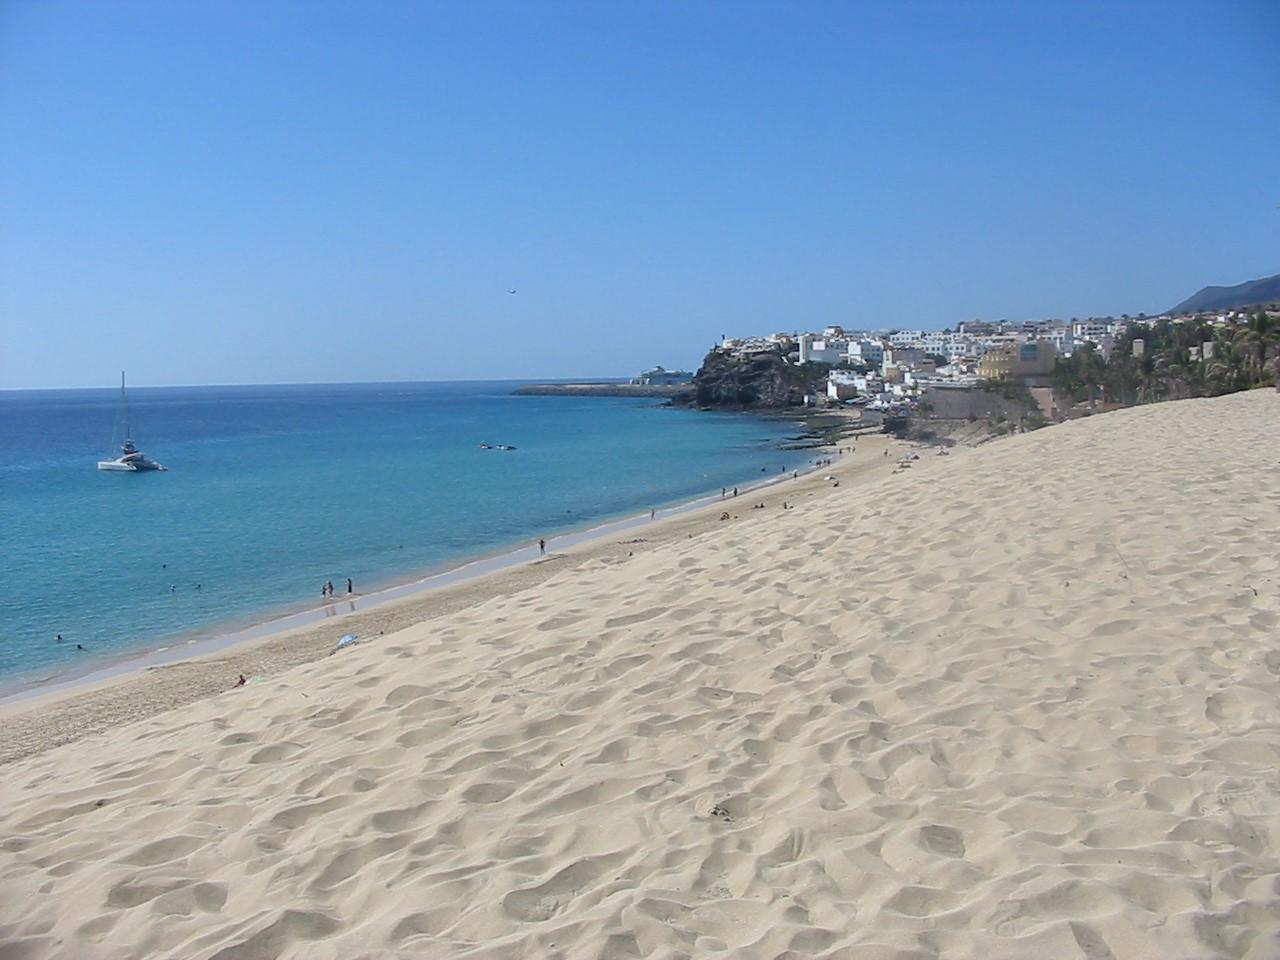 Ferienwohnung Penthouse / Apt. in der besten Gegend von Costa Calma, mit Blick auf eine große Terrasse a (487472), Costa Calma, Fuerteventura, Kanarische Inseln, Spanien, Bild 27